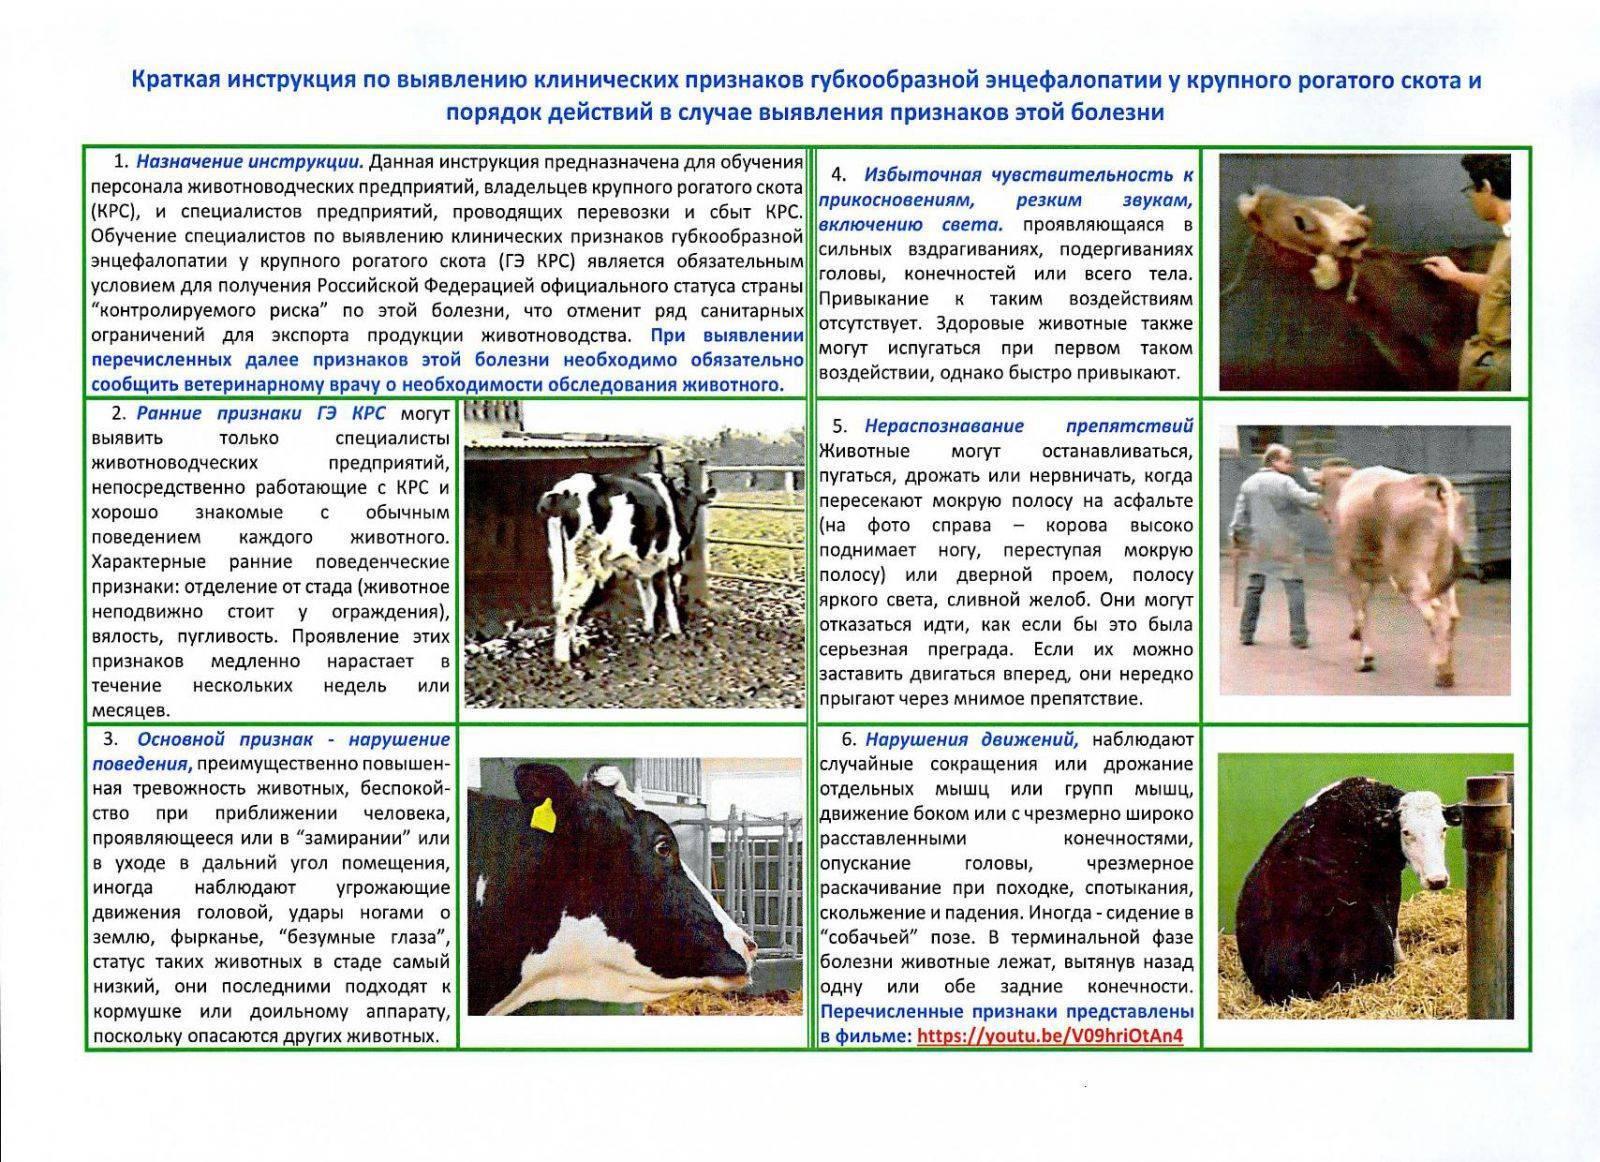 Коровье бешенство: особенности заболевания, методы лечения, способы заражения